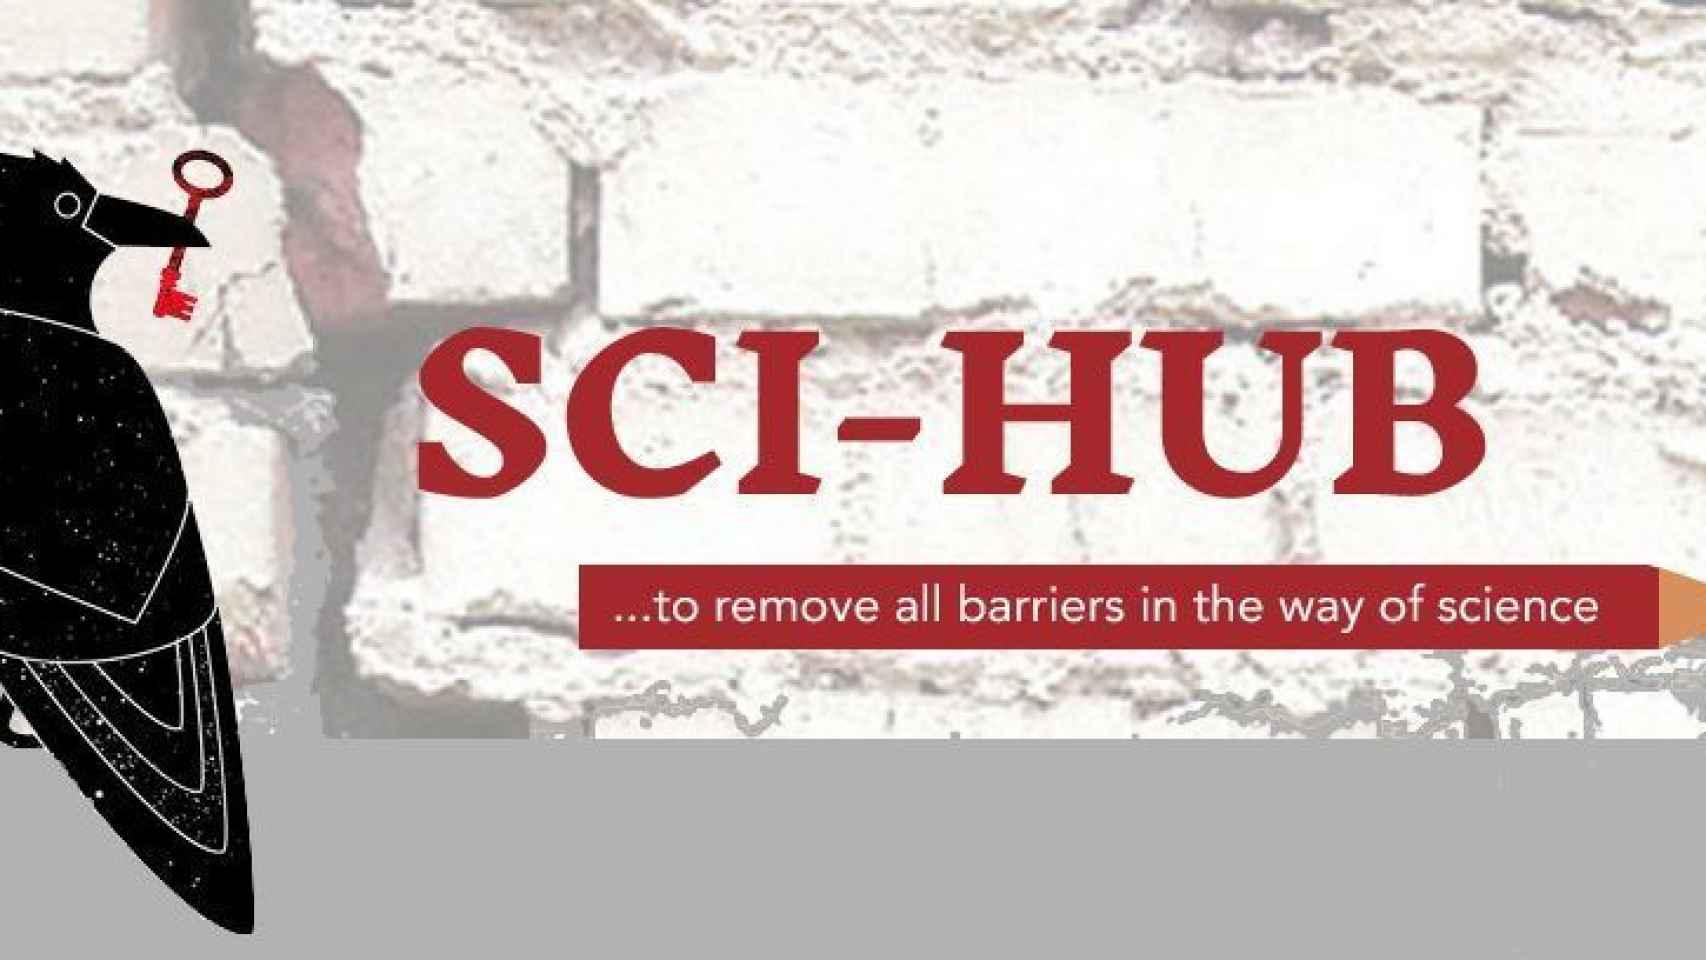 Logotipo de Sci-Hub el mayor portal pirata de papers del mundo.